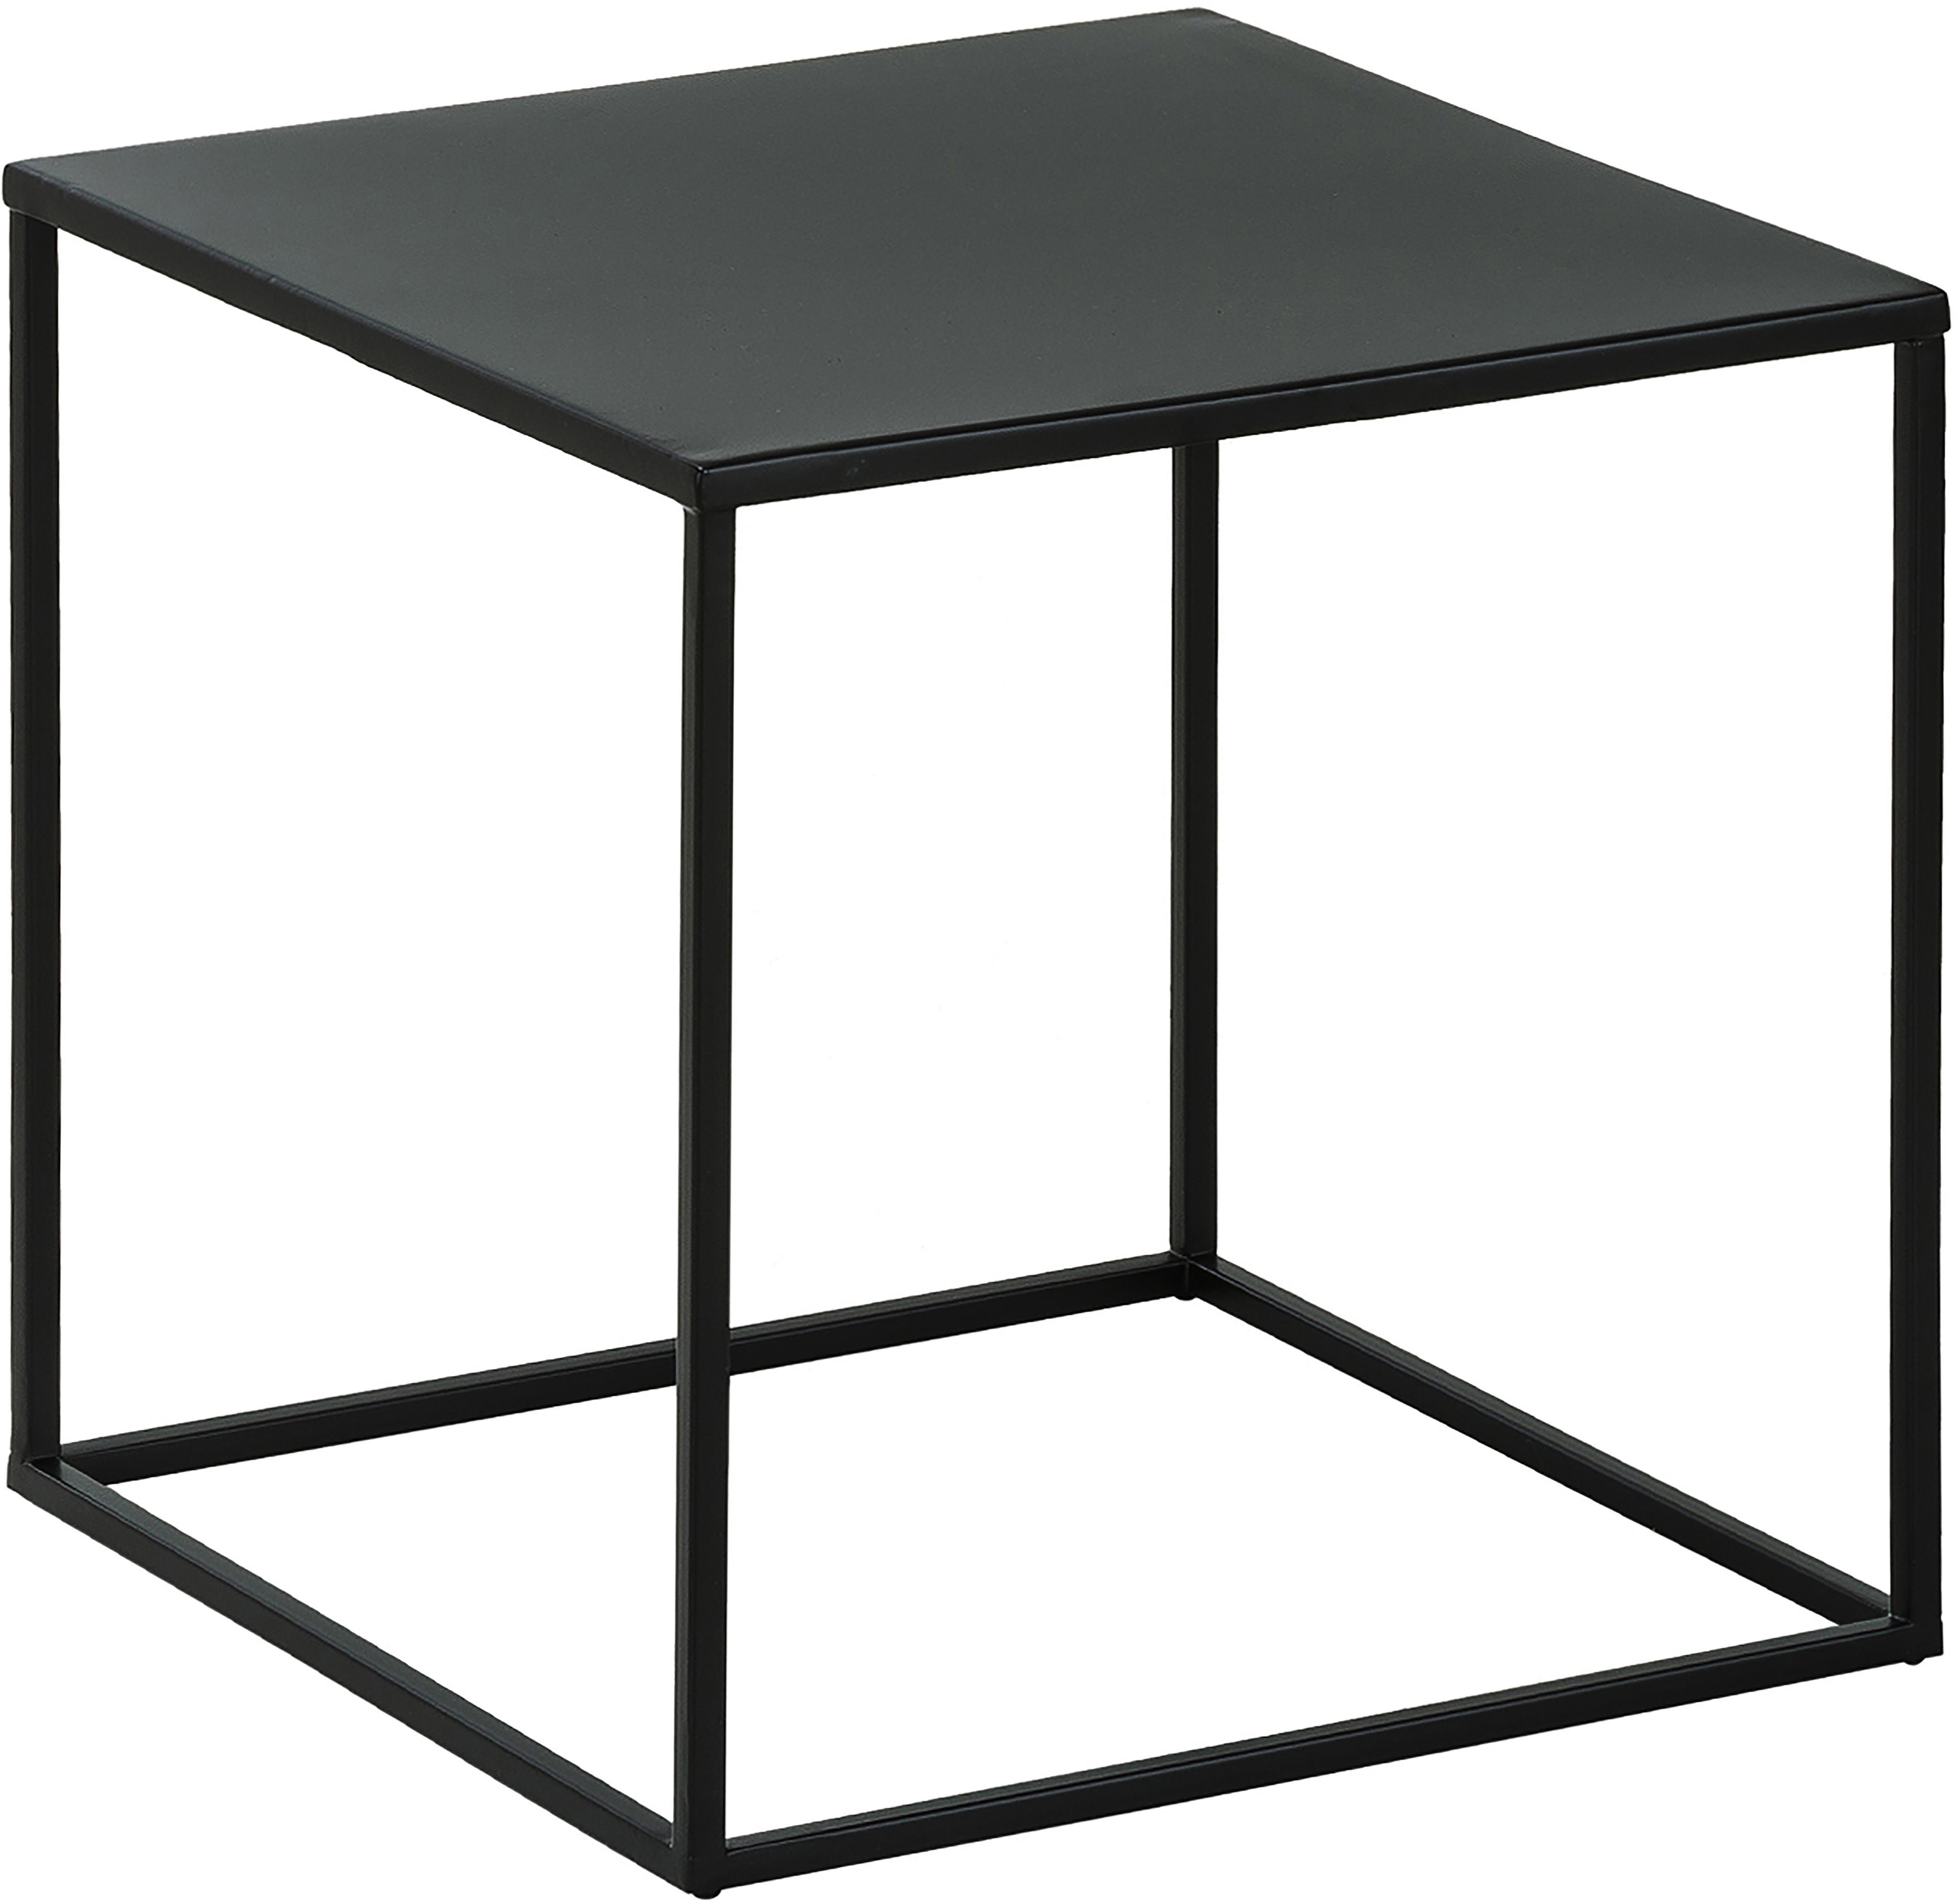 Tavolino in metallo nero Stina, Metallo verniciato a polvere, Nero opaco, Larg. 45 x Alt. 45 cm